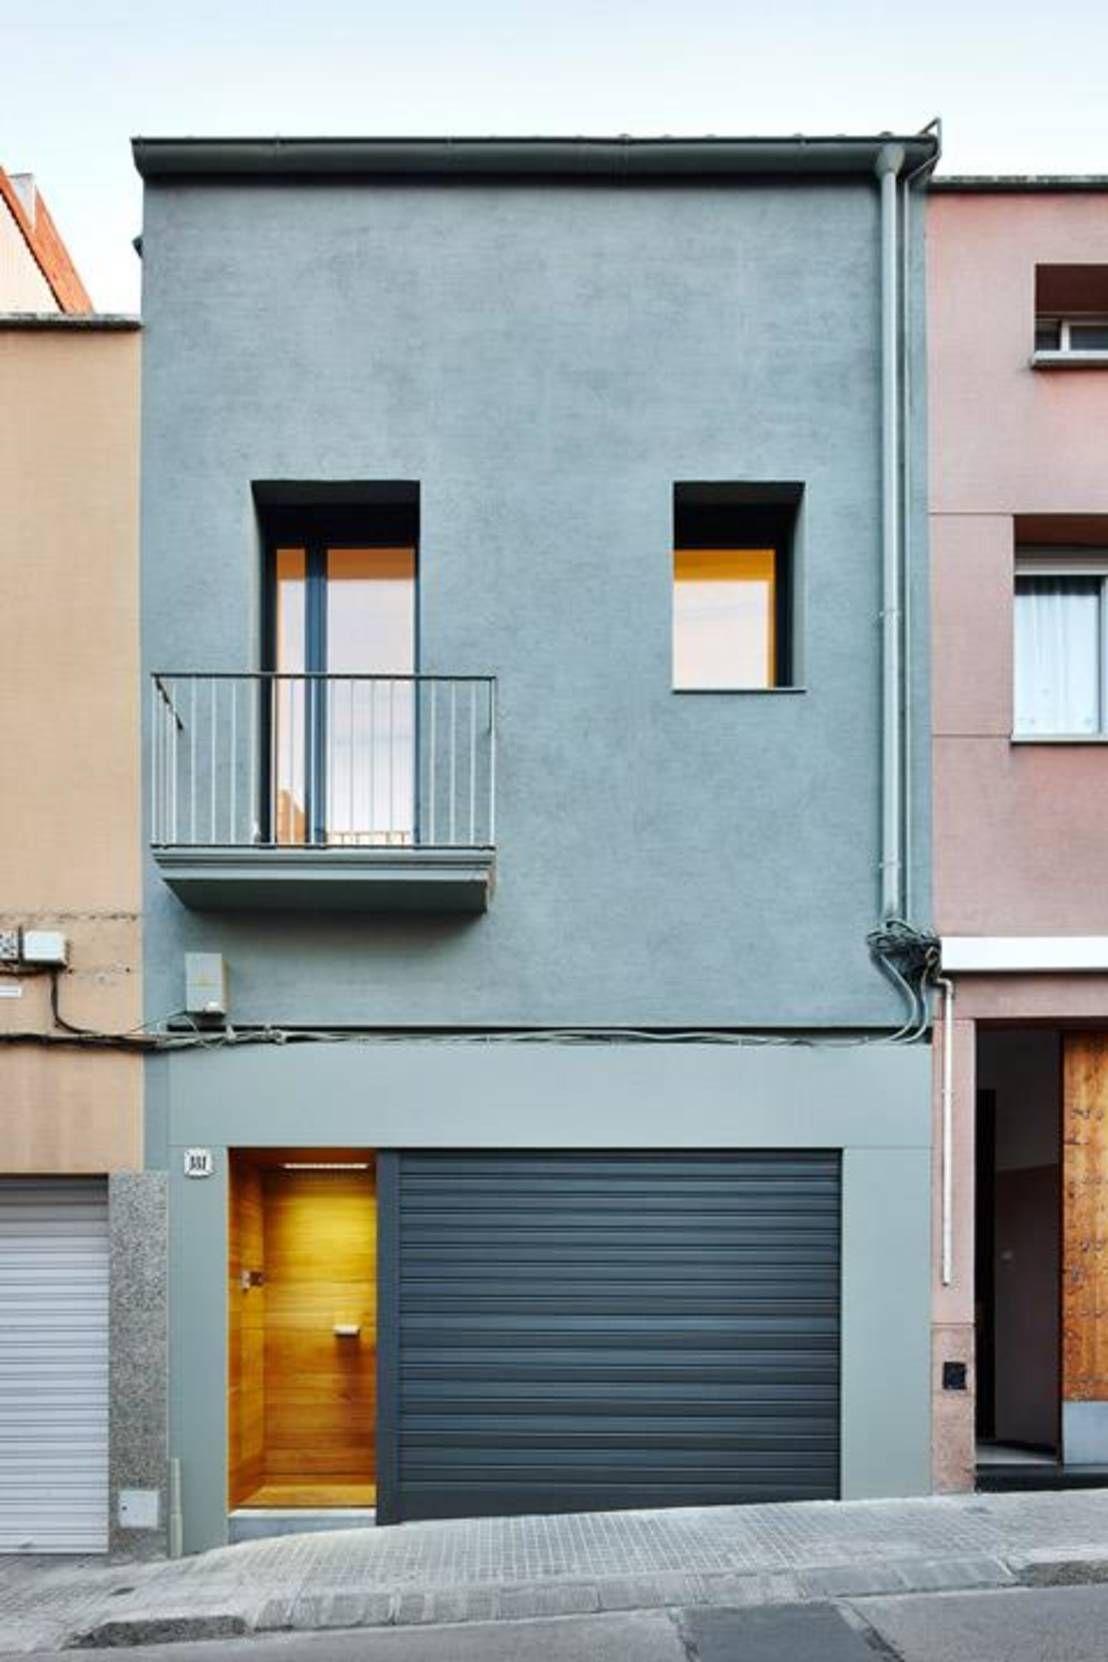 El sorprendente interior de una casa normal fachadas for Viviendas minimalistas pequenas